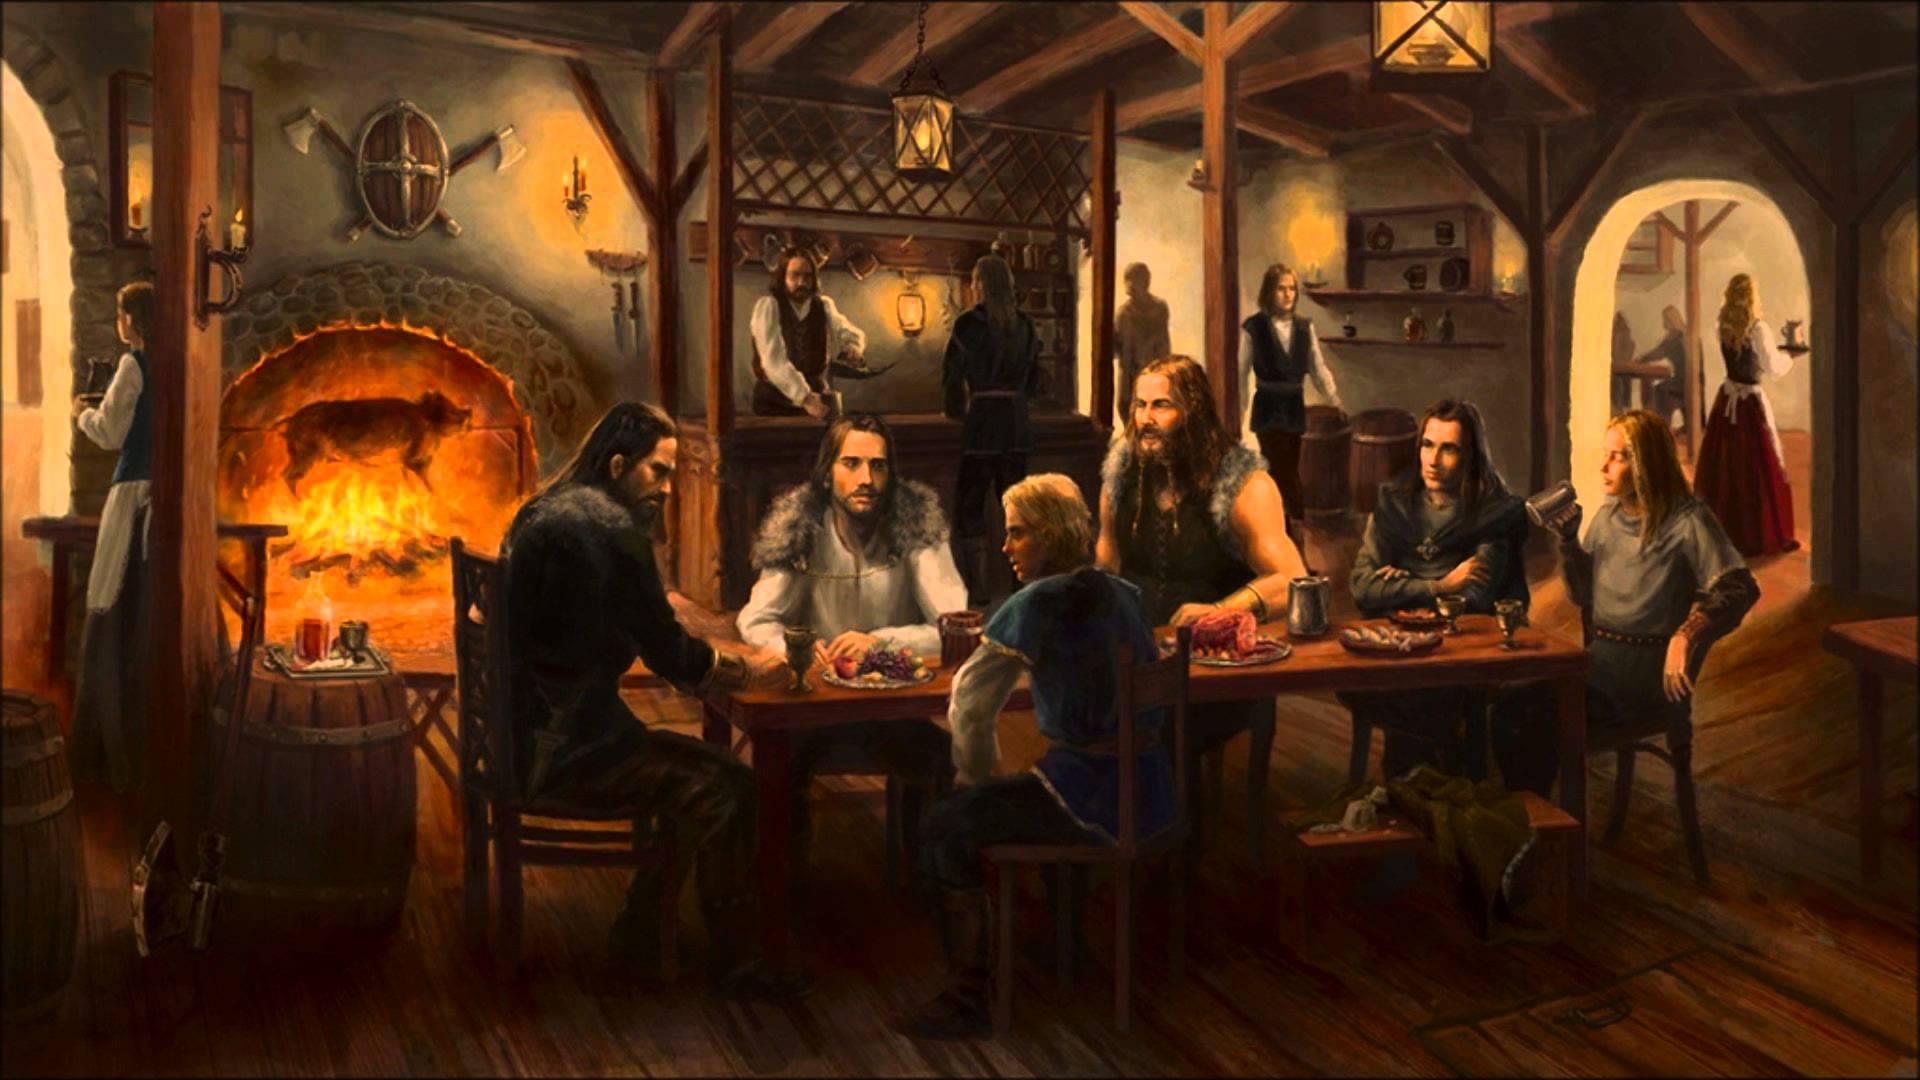 taberna-medieval